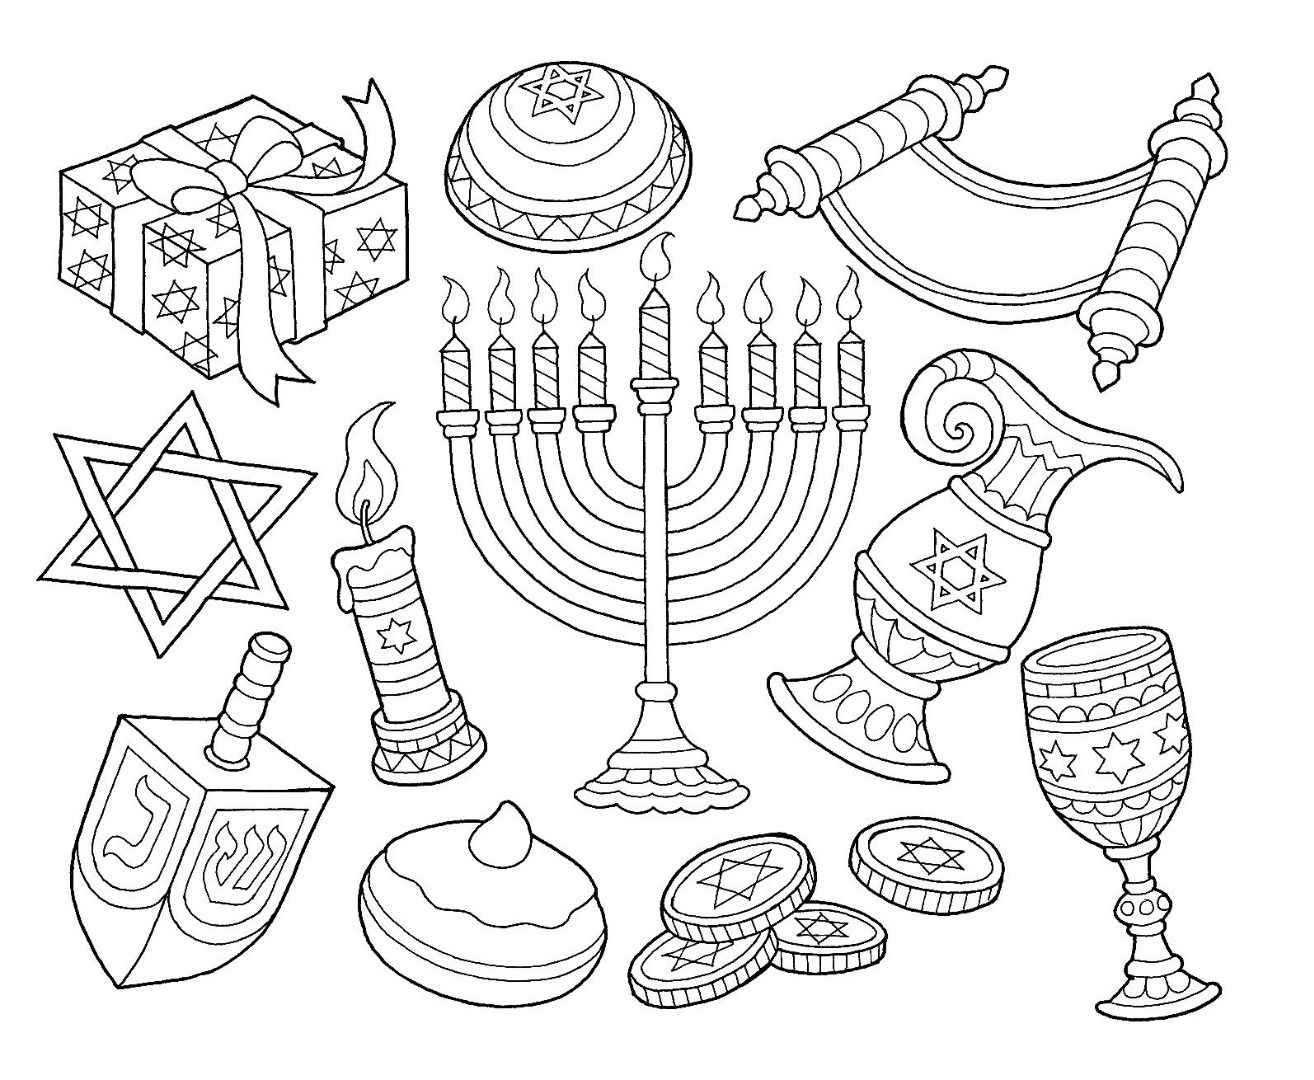 Hanukkah Menorah Dreidel Goblet Coin Coloring Page Hanukkah Symbols Hanukkah Crafts Hanukkah Art